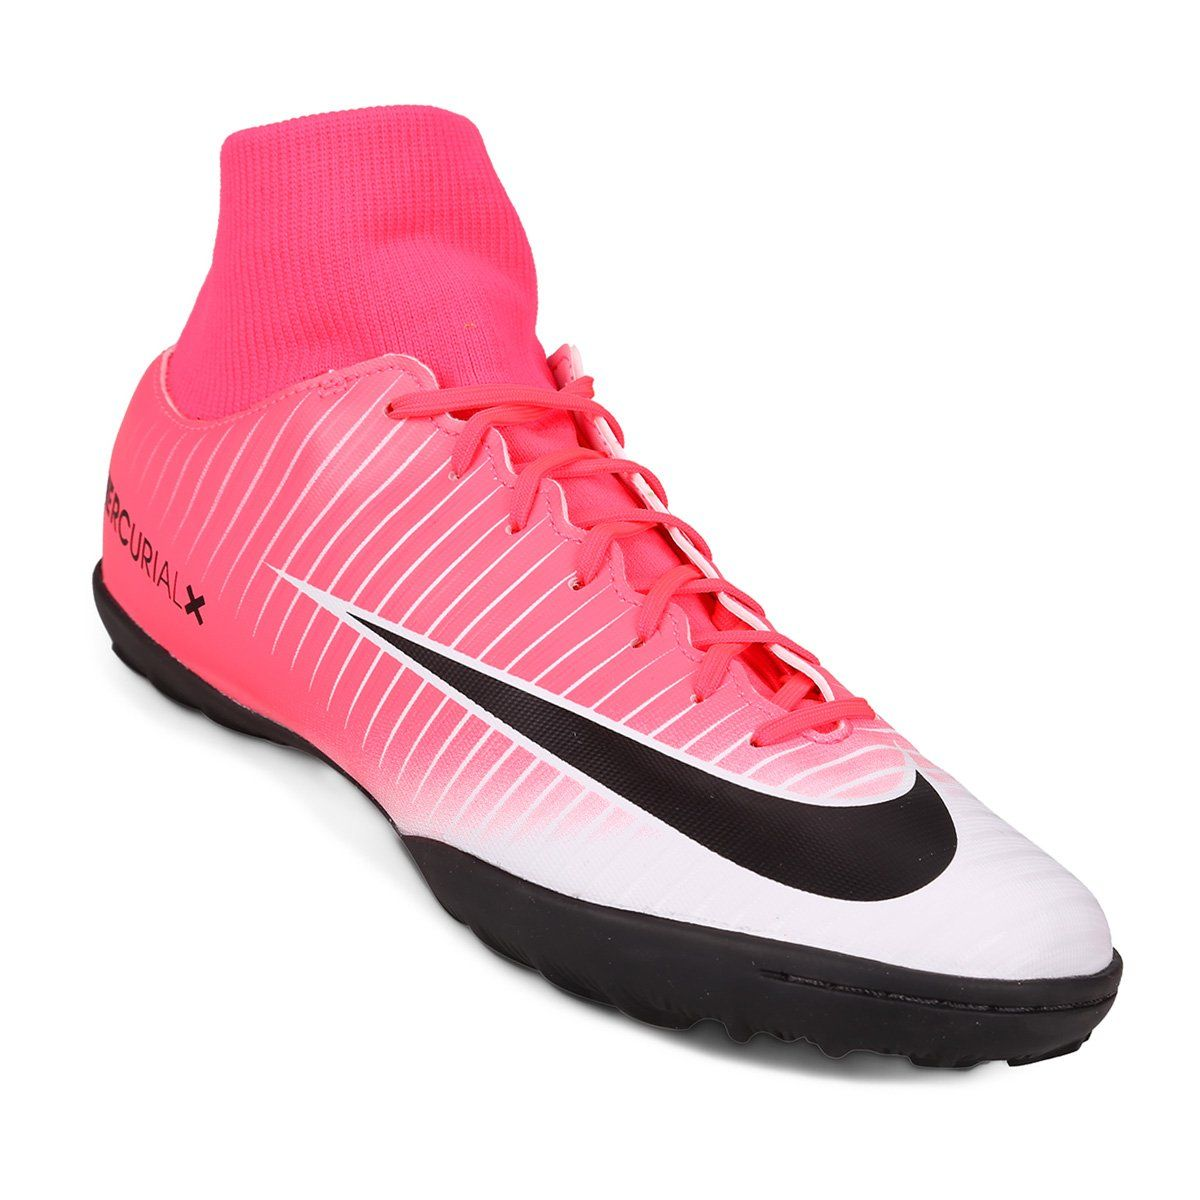 Deshacer Tío o señor conferencia  Botines Nike MercurialX Victory DF TF - Rosa+Blanco   Botines, Nike, Zapatos